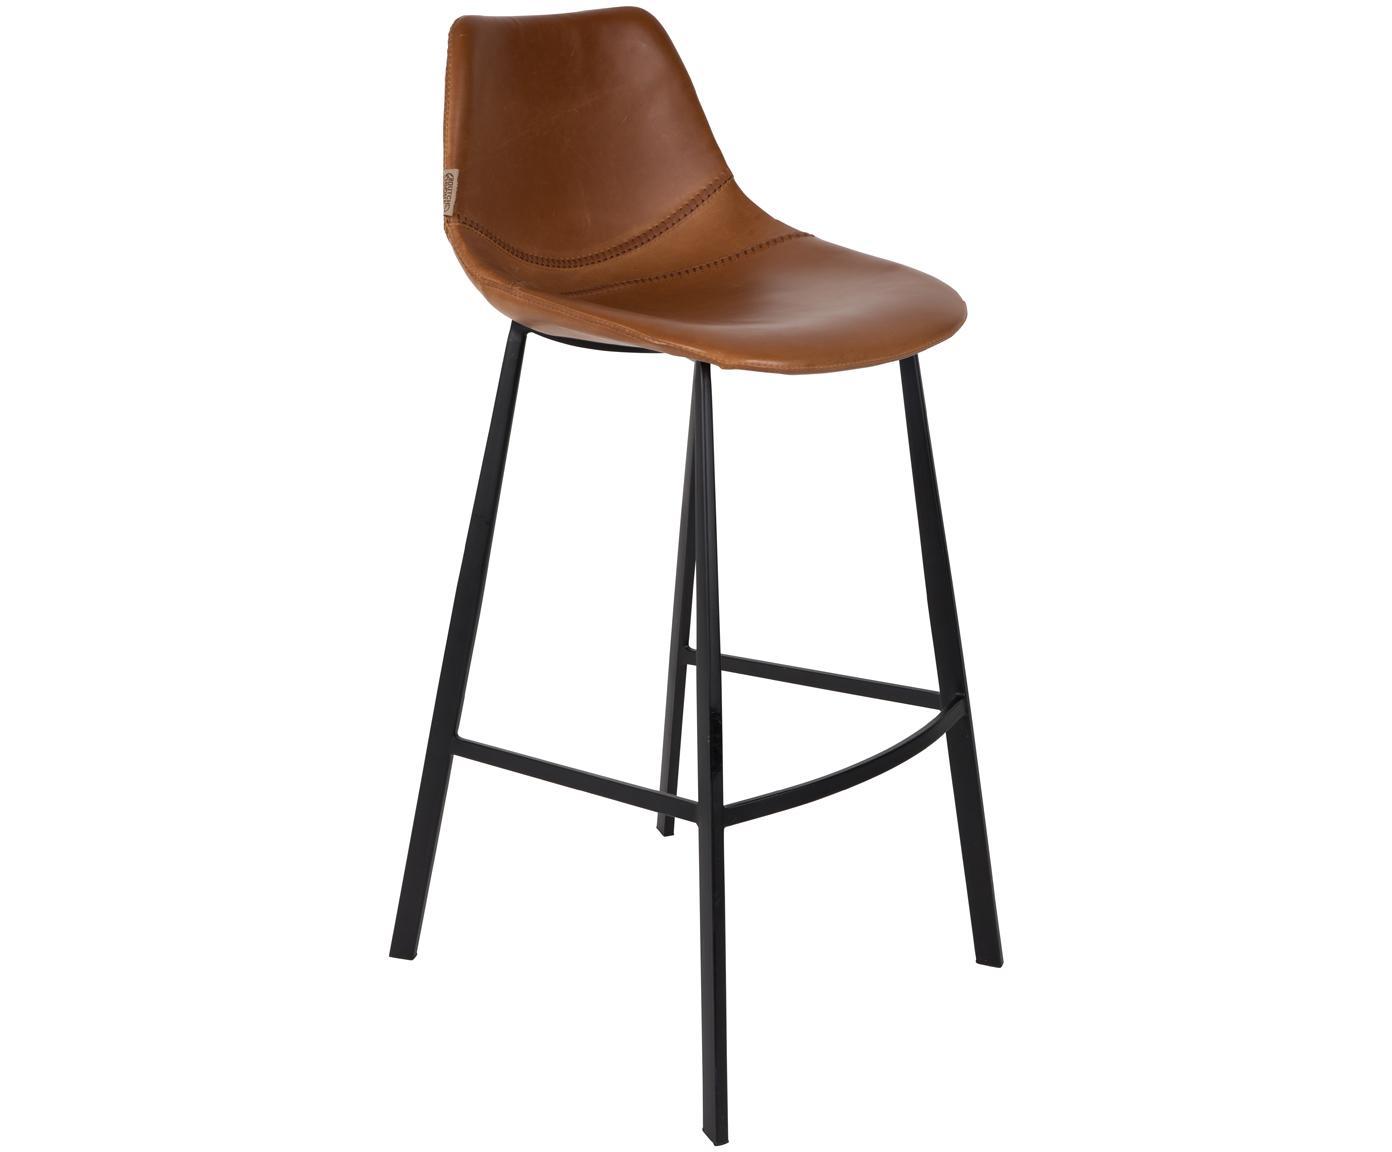 Taburete de bar de piel sintética Franky, Tapizado: cuero sintético (poliuret, Patas: acero, pintura en polvo, Marrón, negro, An 50 x Al 106 cm